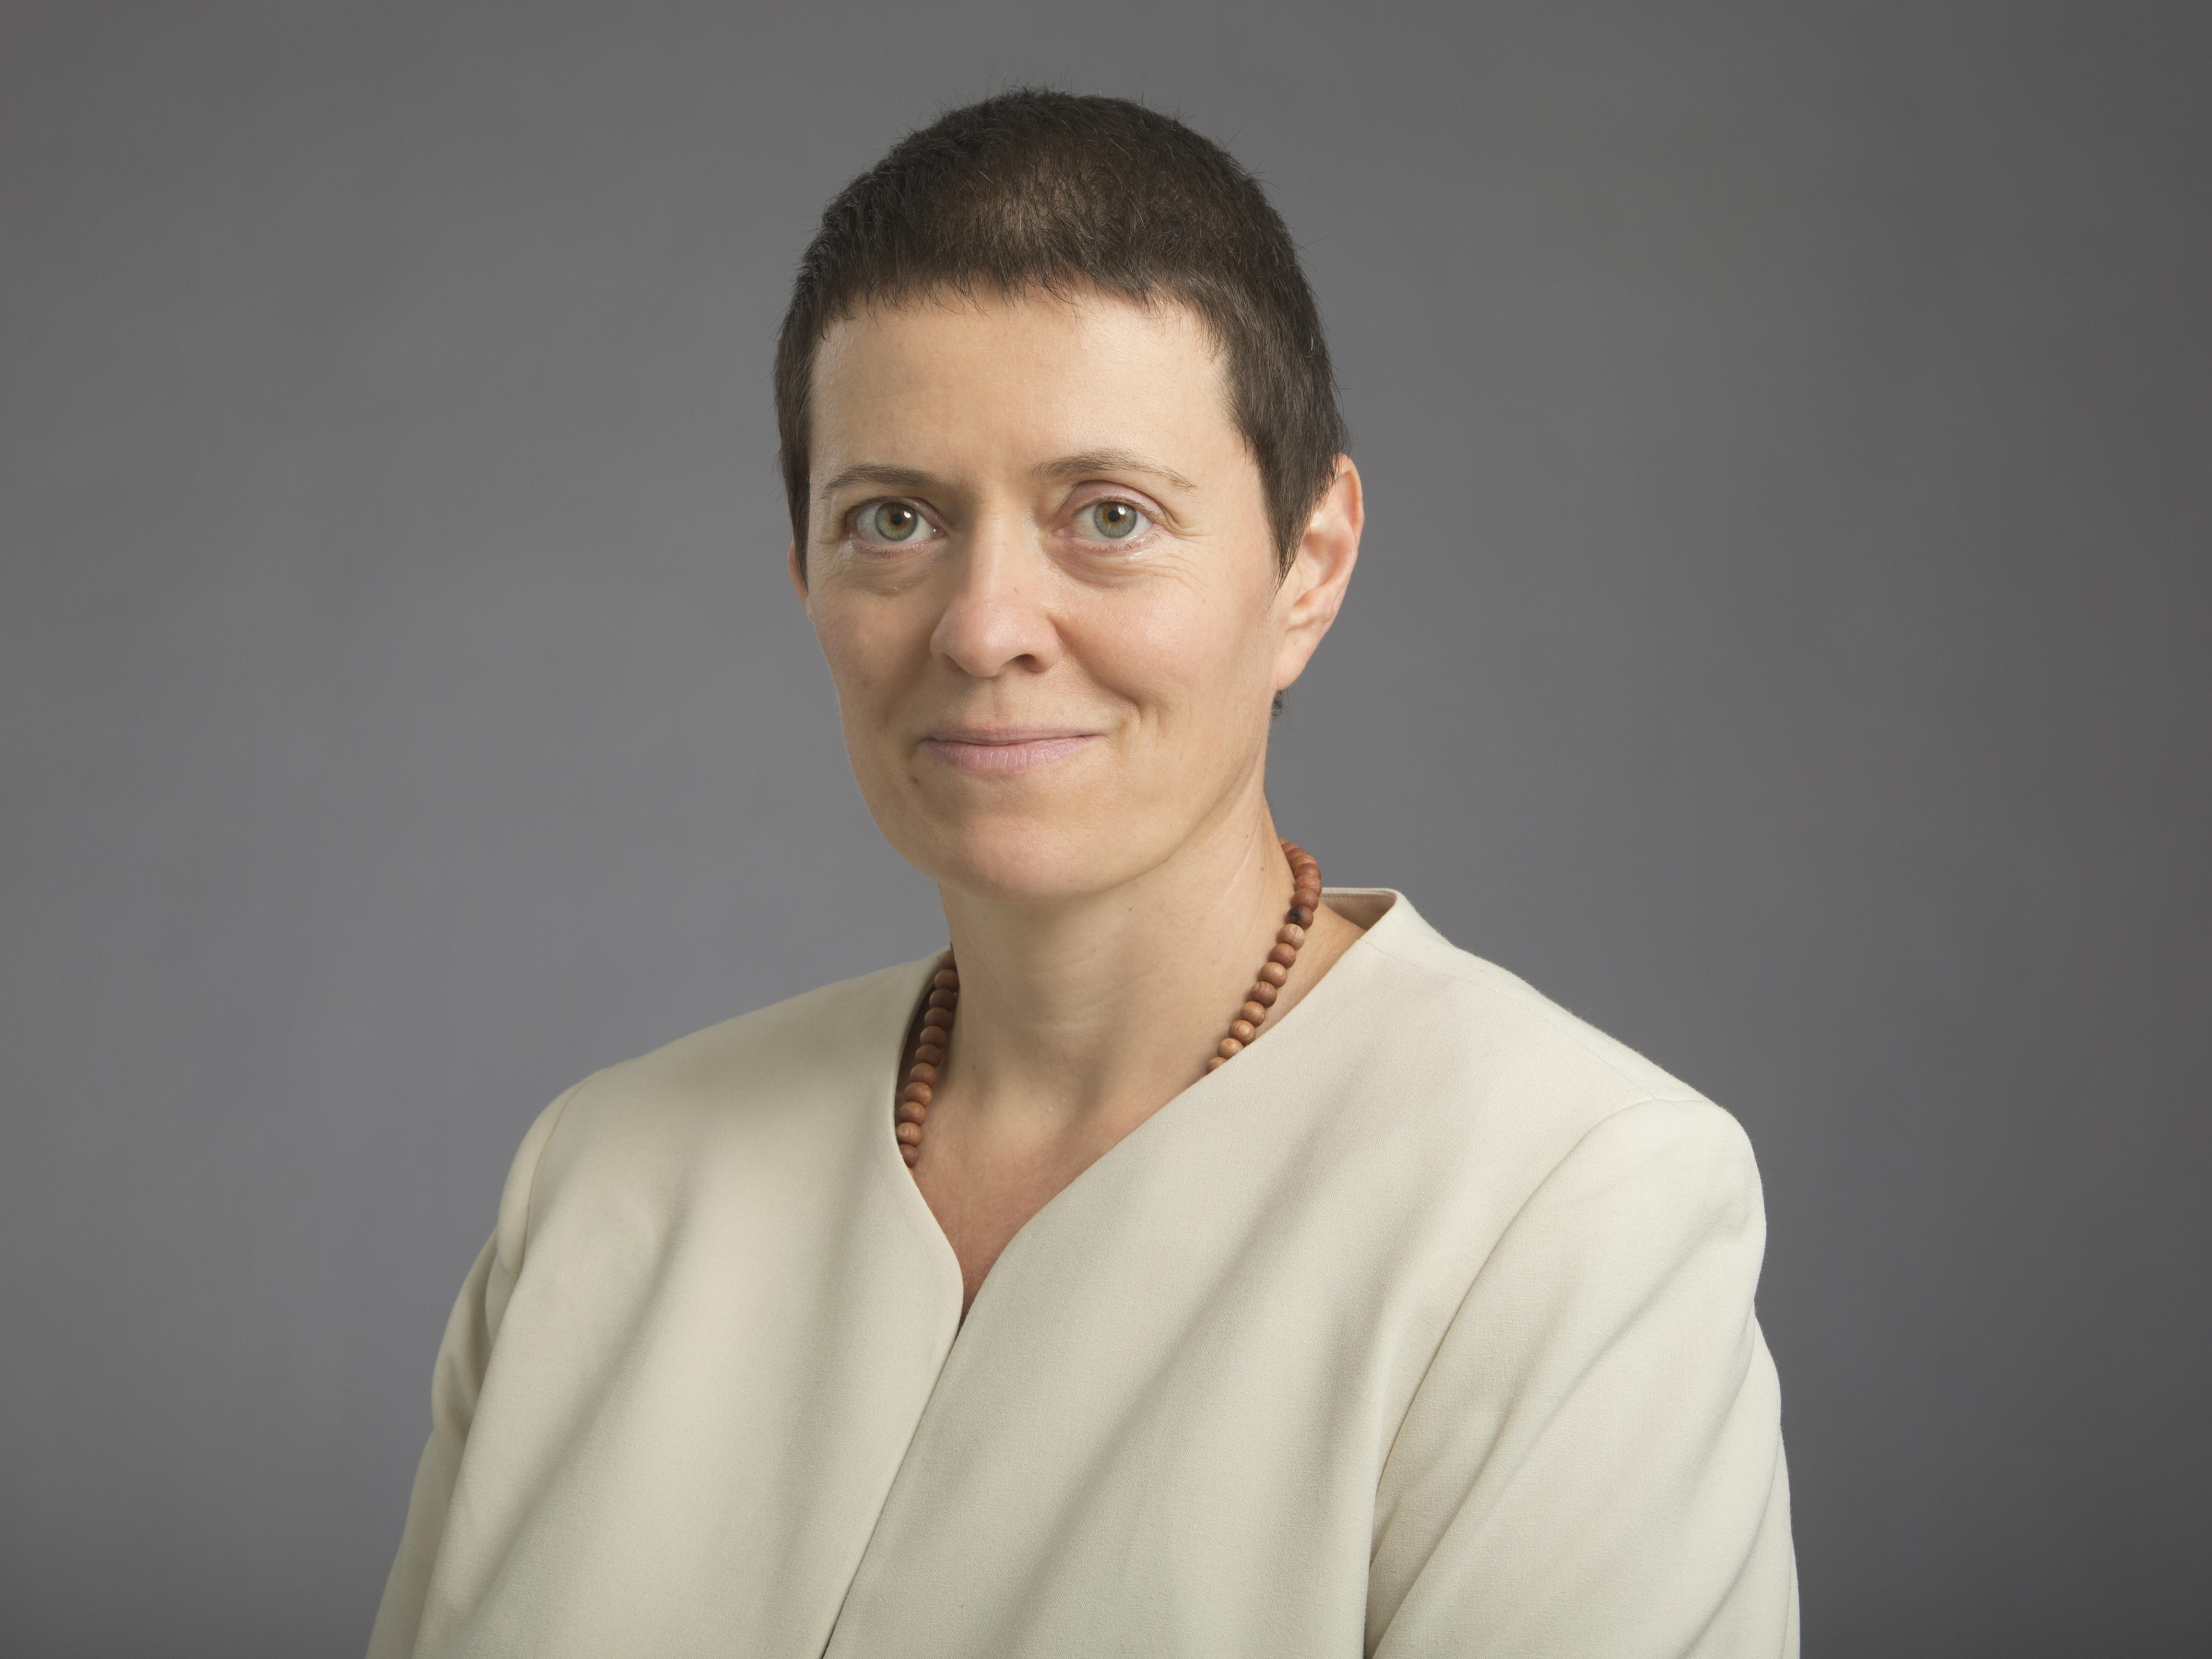 The Rev. Marta Dabis, MS, MBA, PBCC